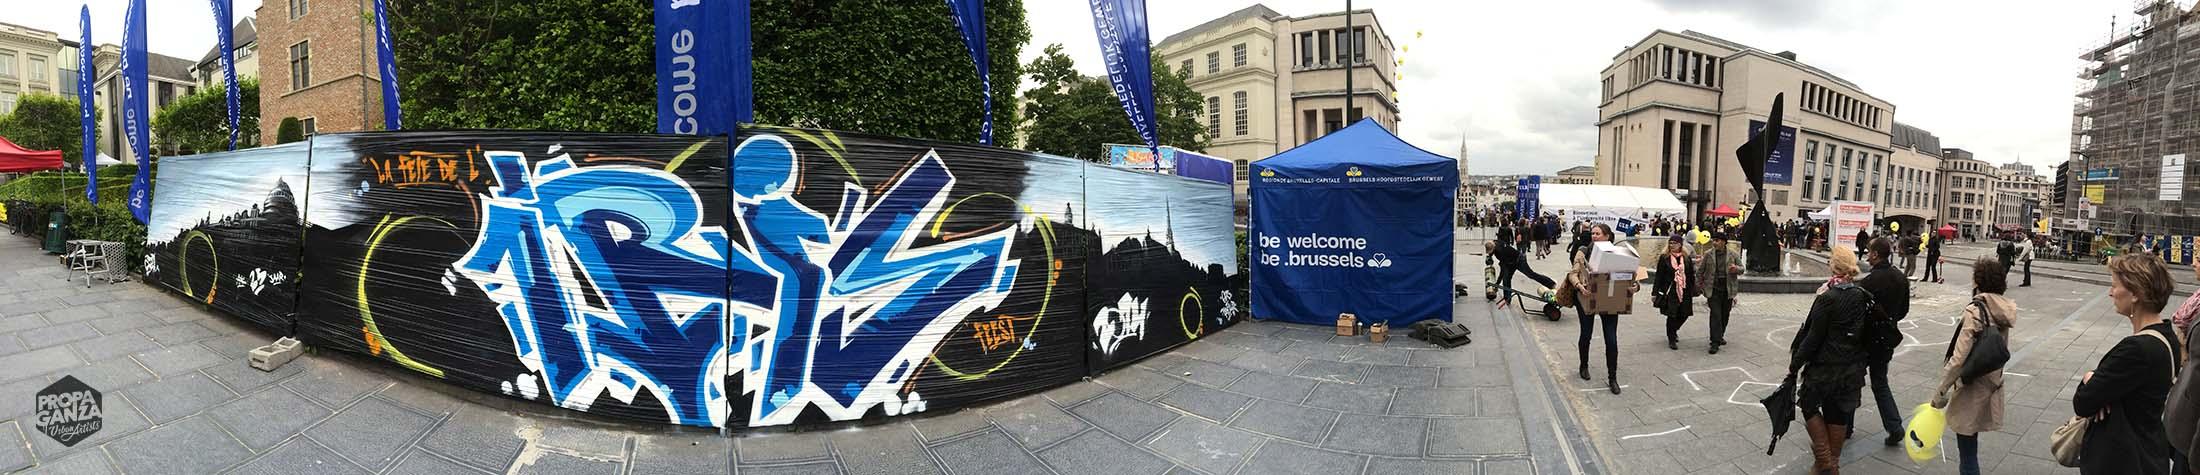 https://www.propaganza.be/wp-content/uploads/2019/04/propaganza-artist-graffiti-graff-street-art-spray-painting-belgique-bruxelles-brussels-fresque-live-show-fete-iris-2014.jpg